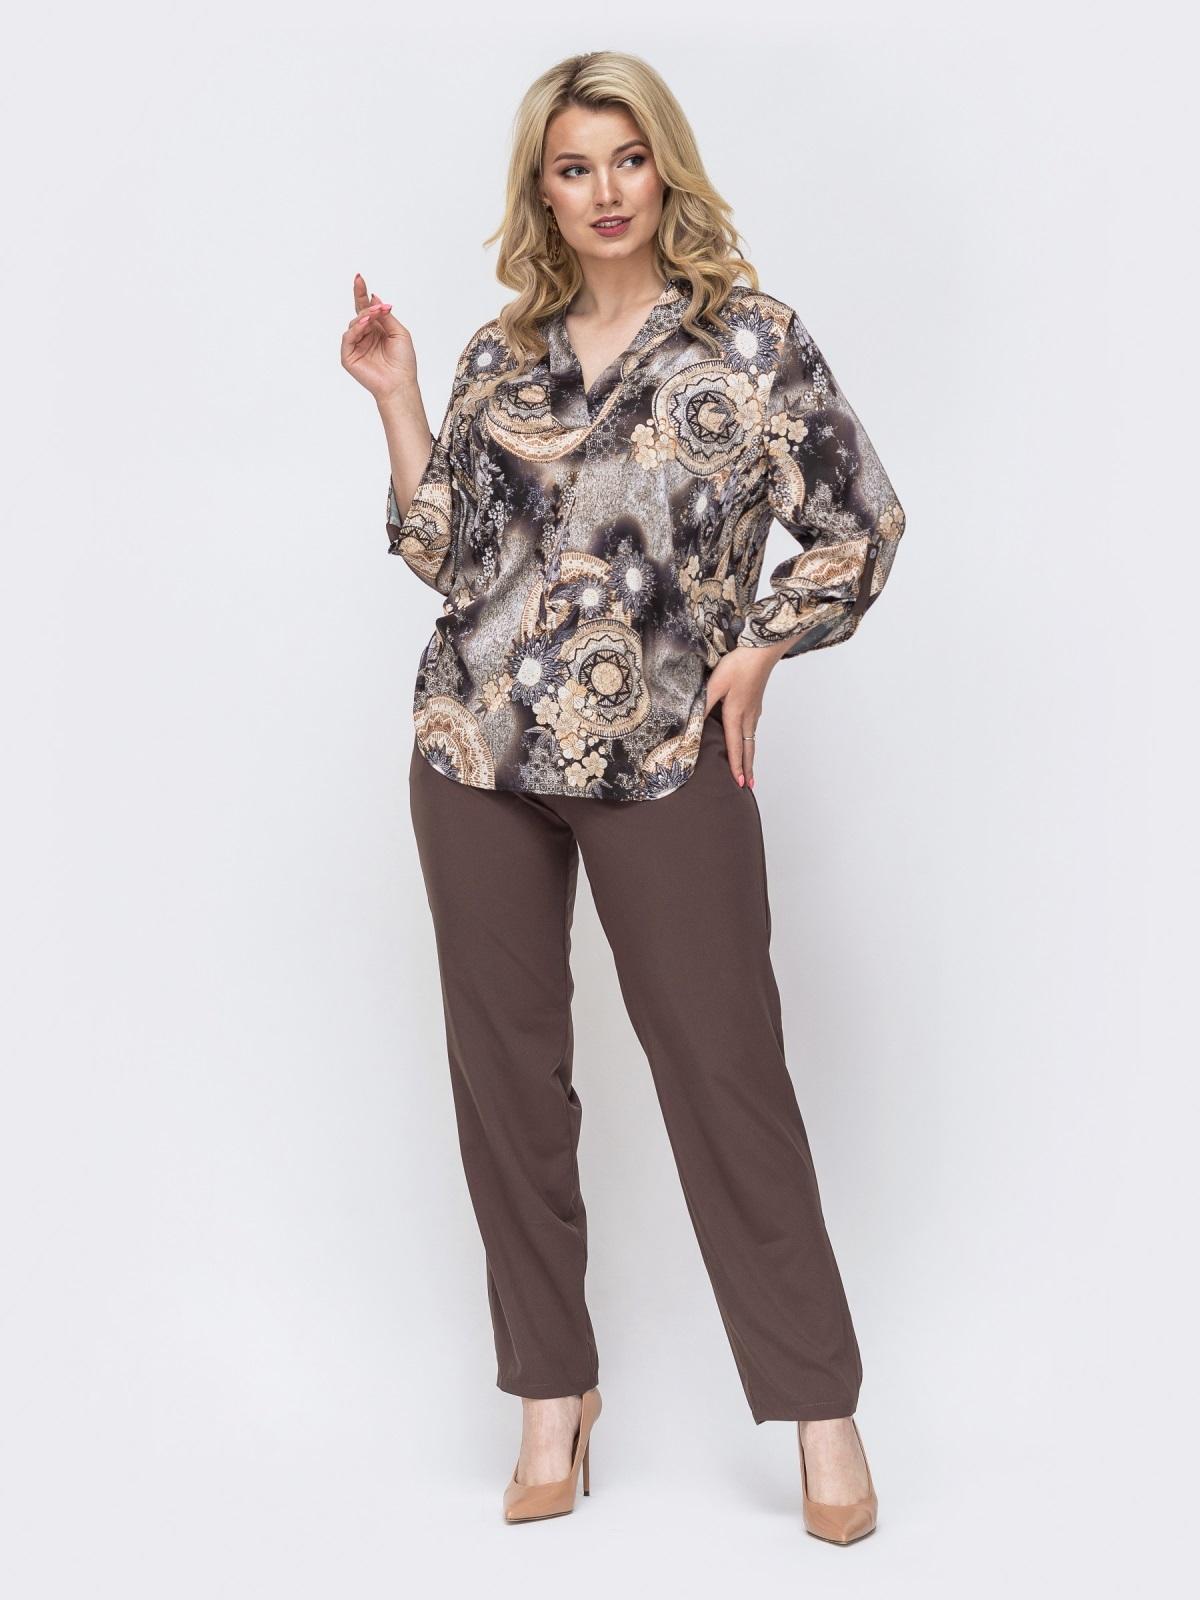 Брючный комплект батал с принтованной блузкой коричневый 49967, фото 1